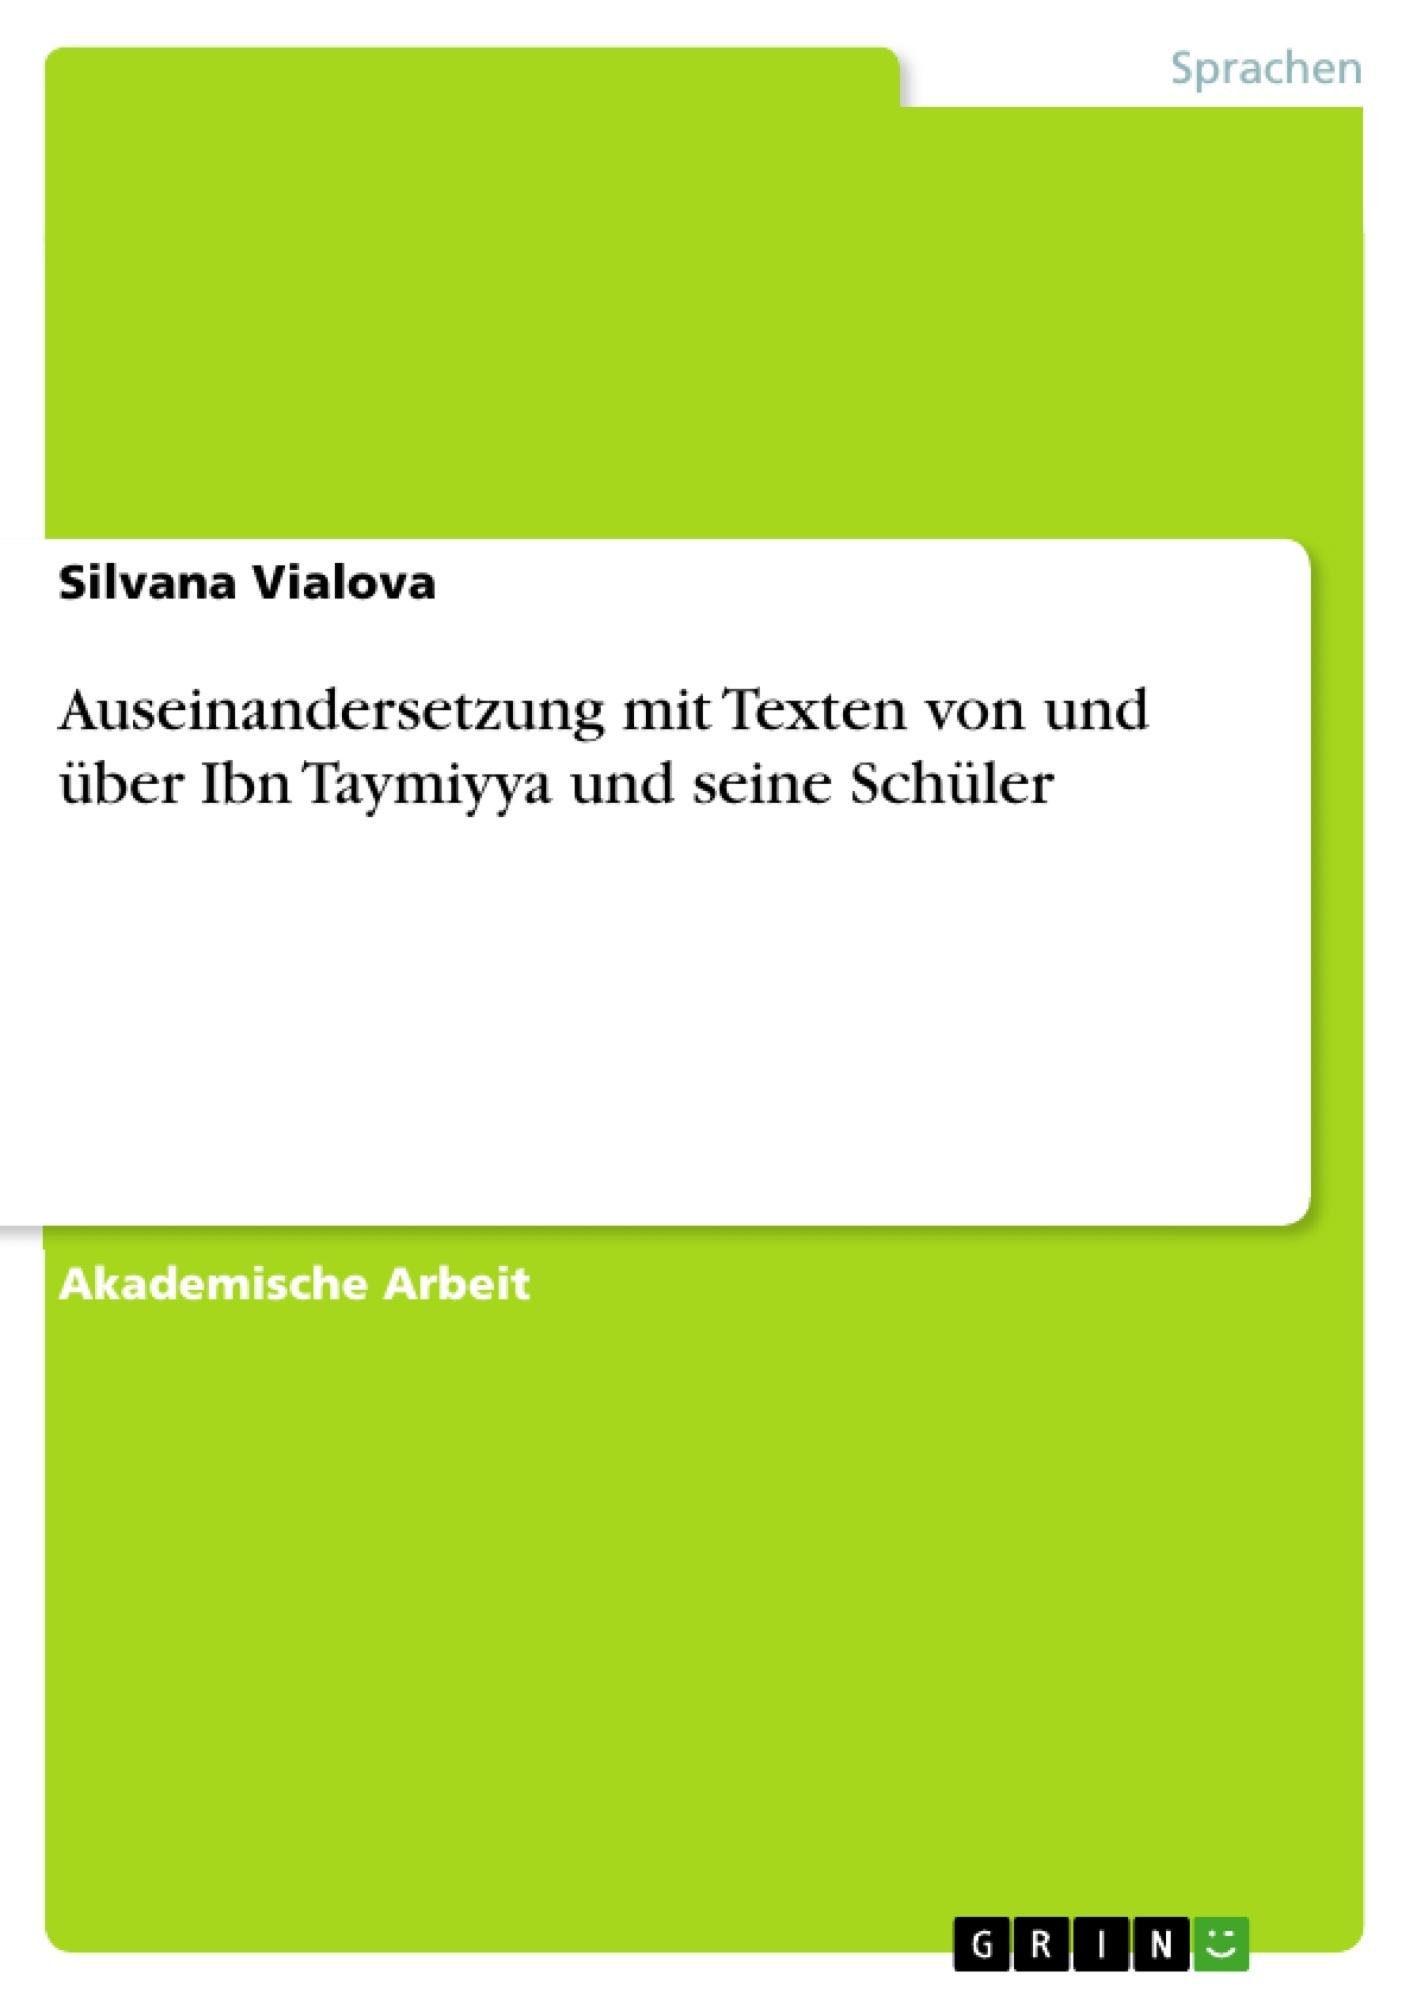 Titel: Auseinandersetzung mit Texten von und über Ibn Taymiyya und seine Schüler